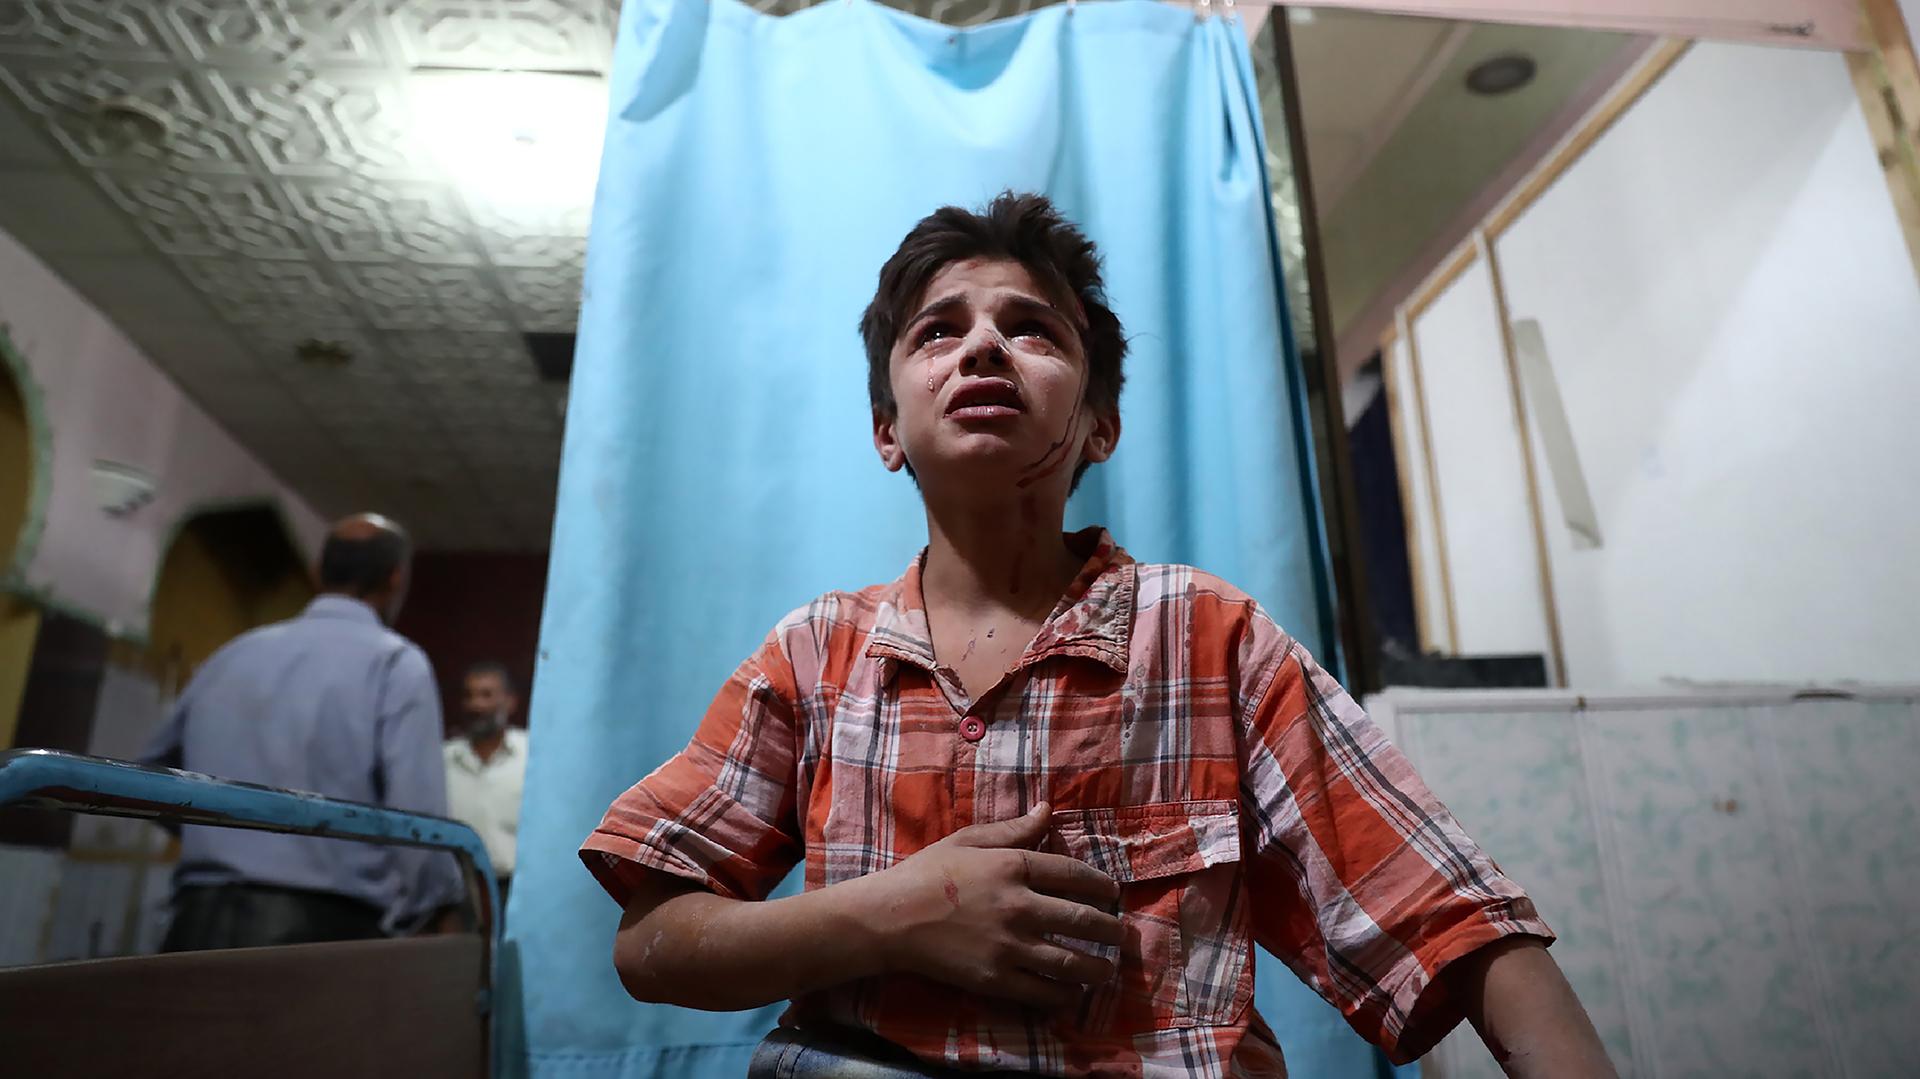 Un niño sirio herido llora mientras espera que lo atiendan en un hospital de campaña después de un ataque aéreo en la ciudad de Douma.(AFP)